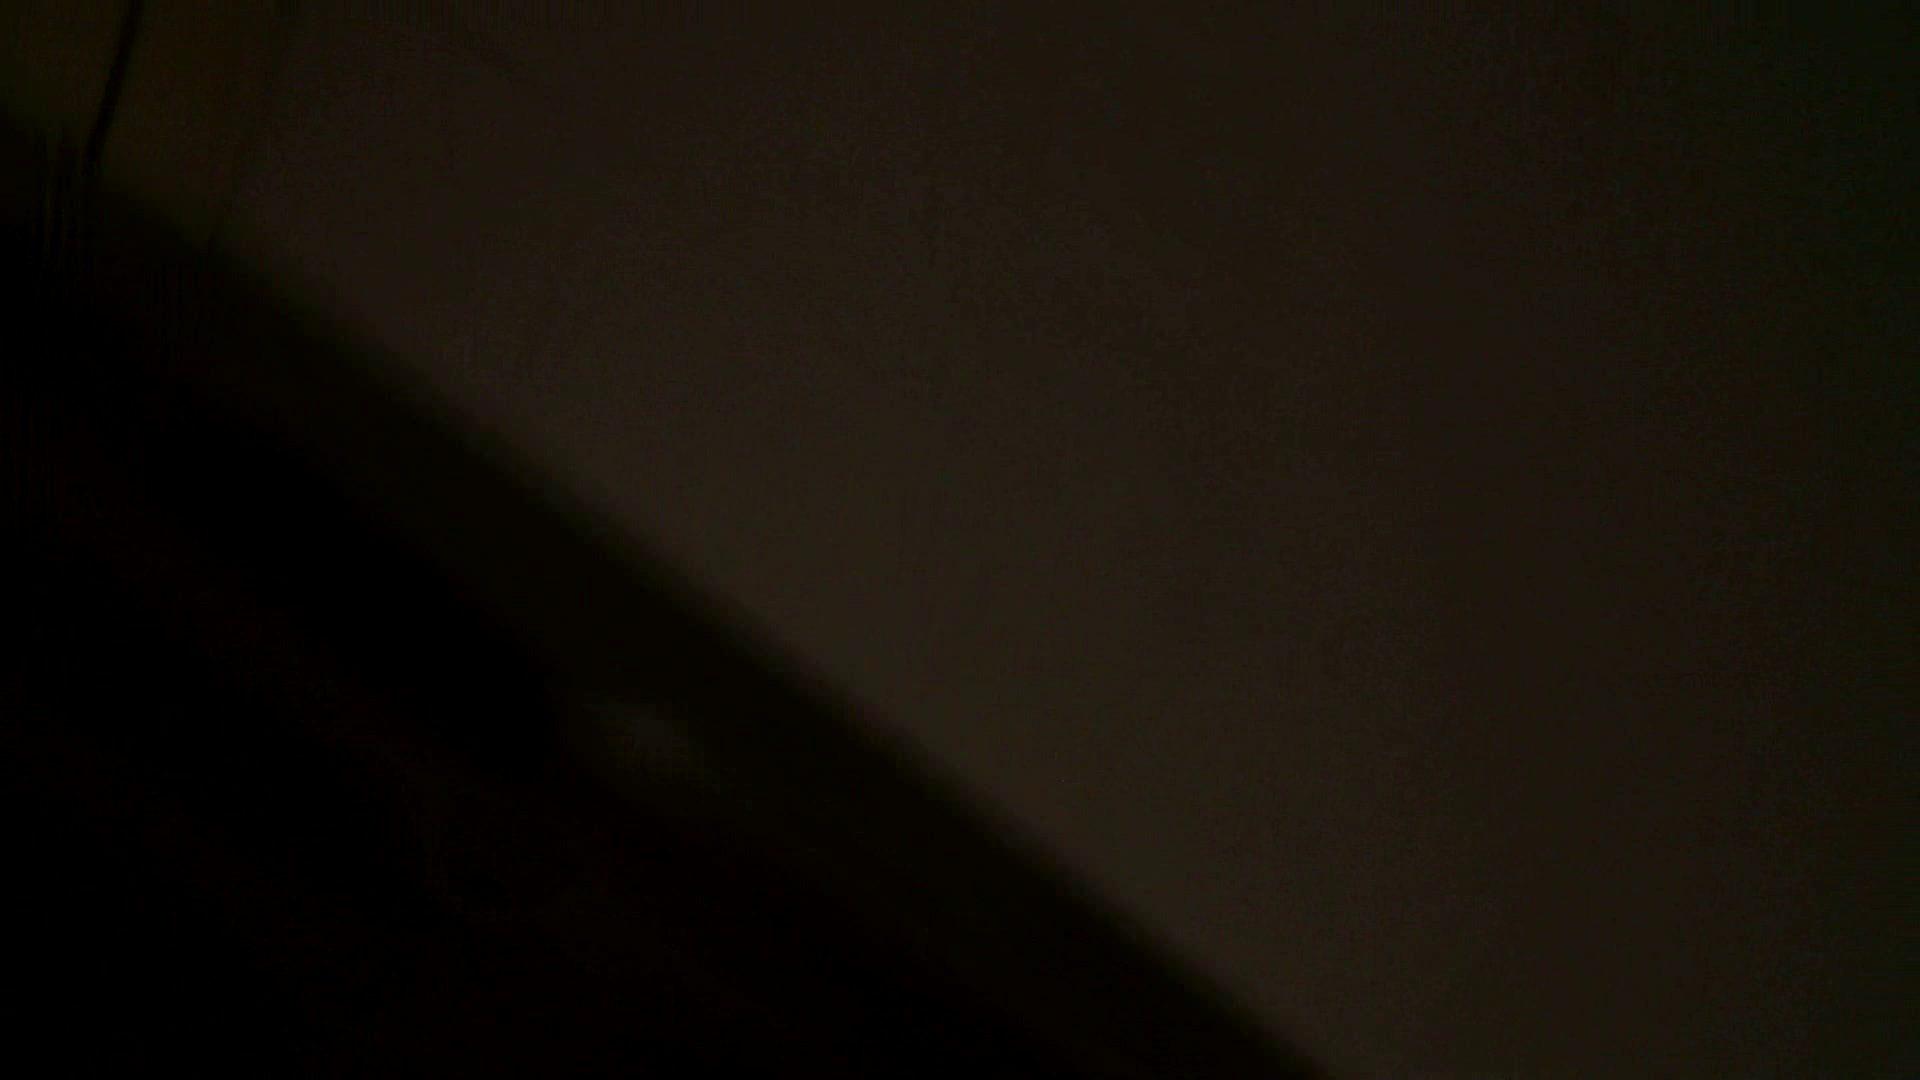 洗寿観音さんの 化粧室は四面楚歌Nol.2 丸見え  73PIX 34